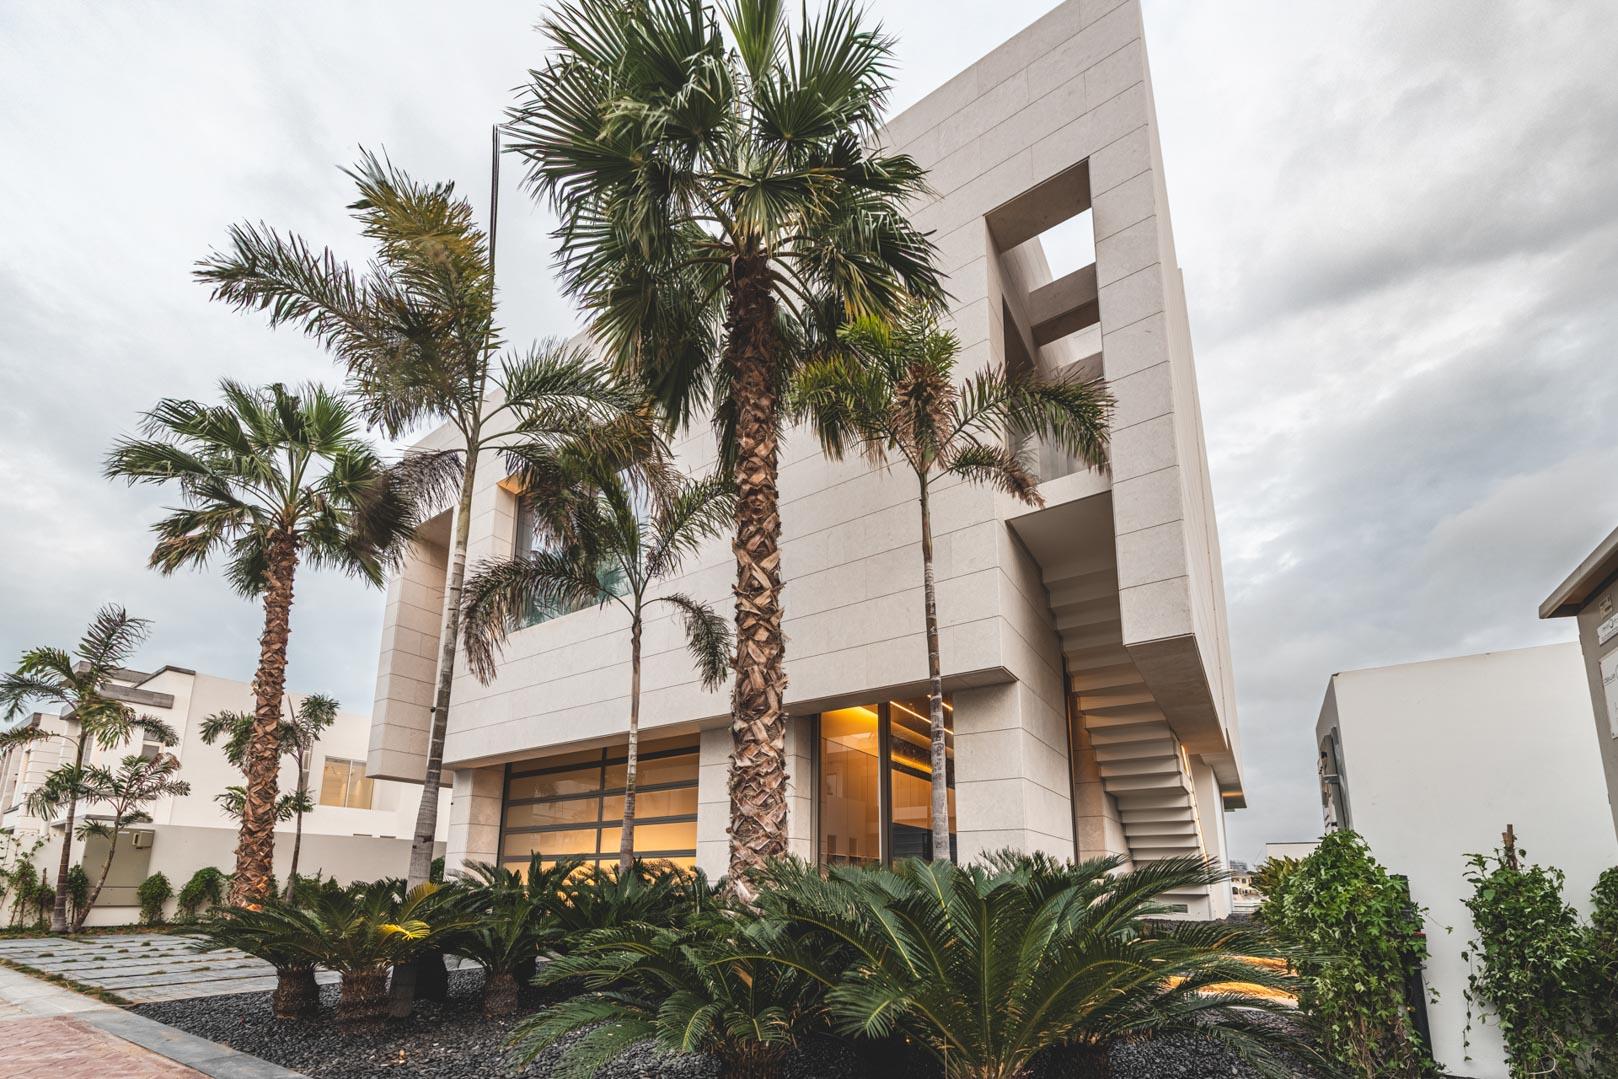 Architecture of luxury villa on Palm Jumeirah